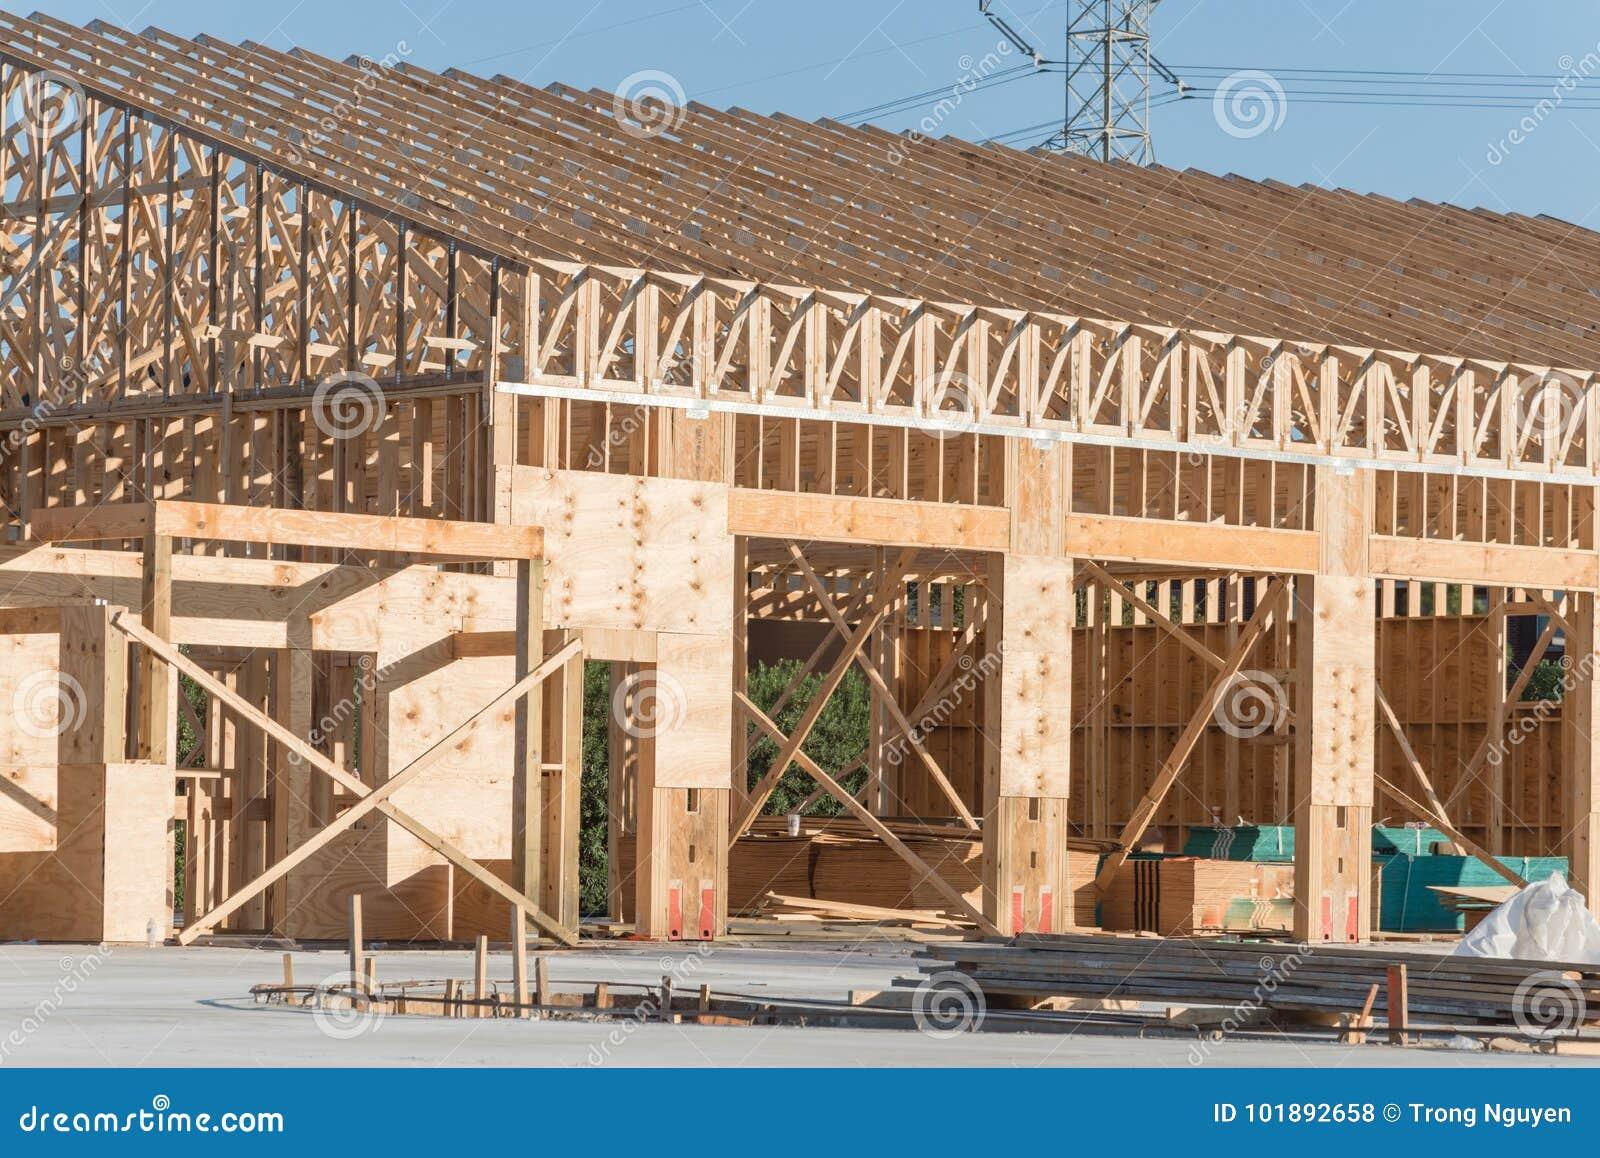 Houten commerciële bouwconstructie